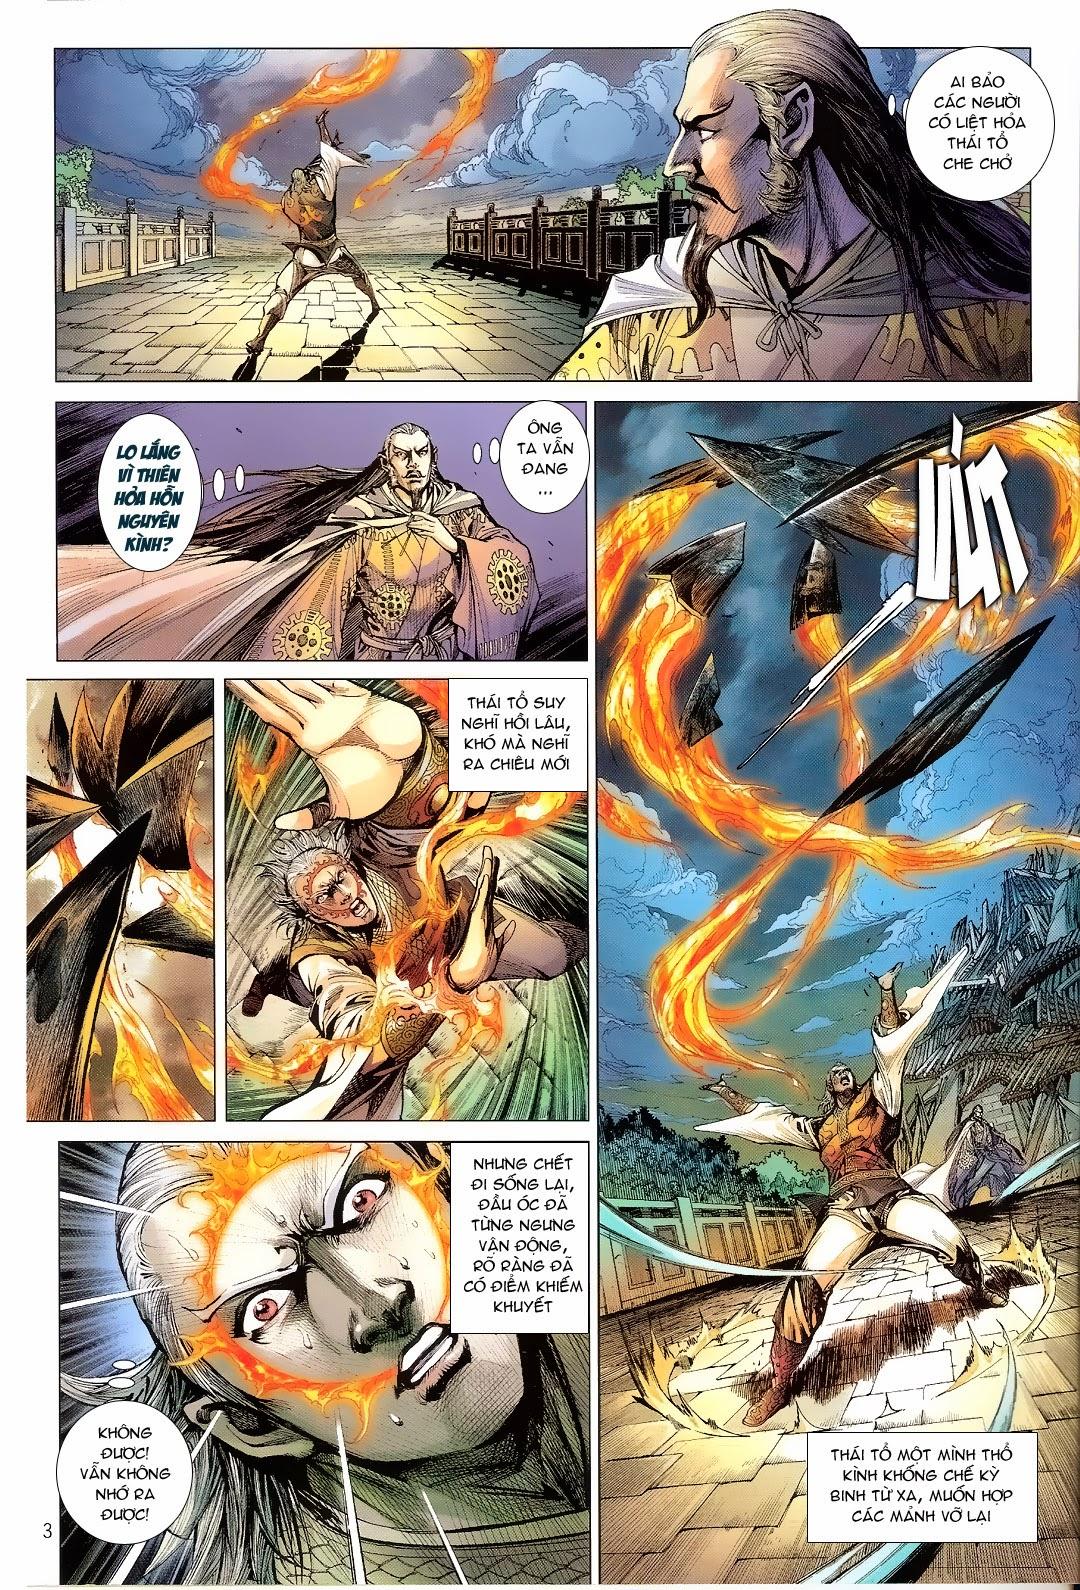 tuoithodudoi.com Thiết Tướng Tung Hoành Chapter 108 - 2.jpg